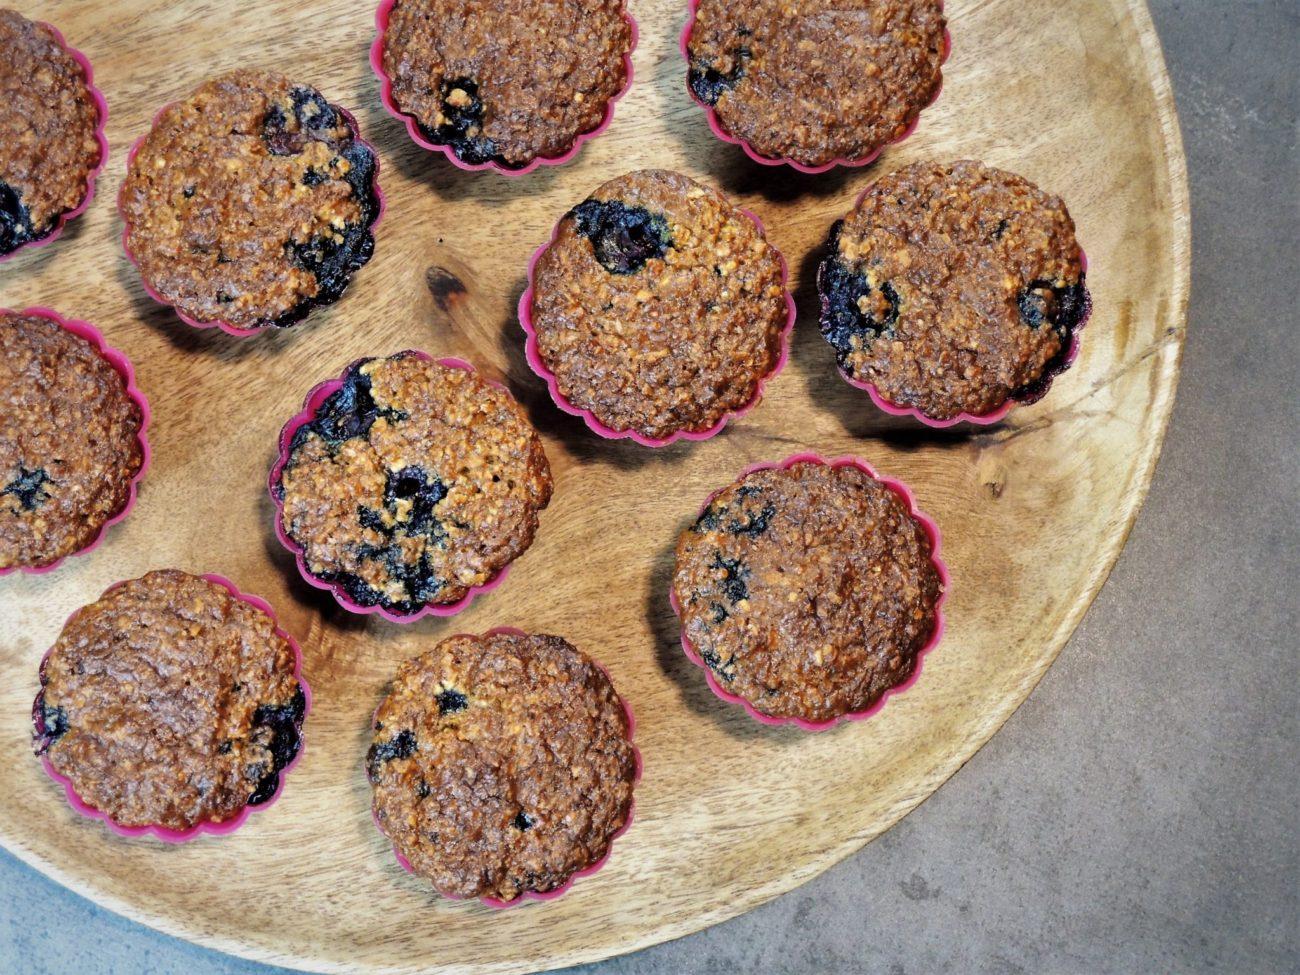 Borůvkové muffiny z ovesných vloček